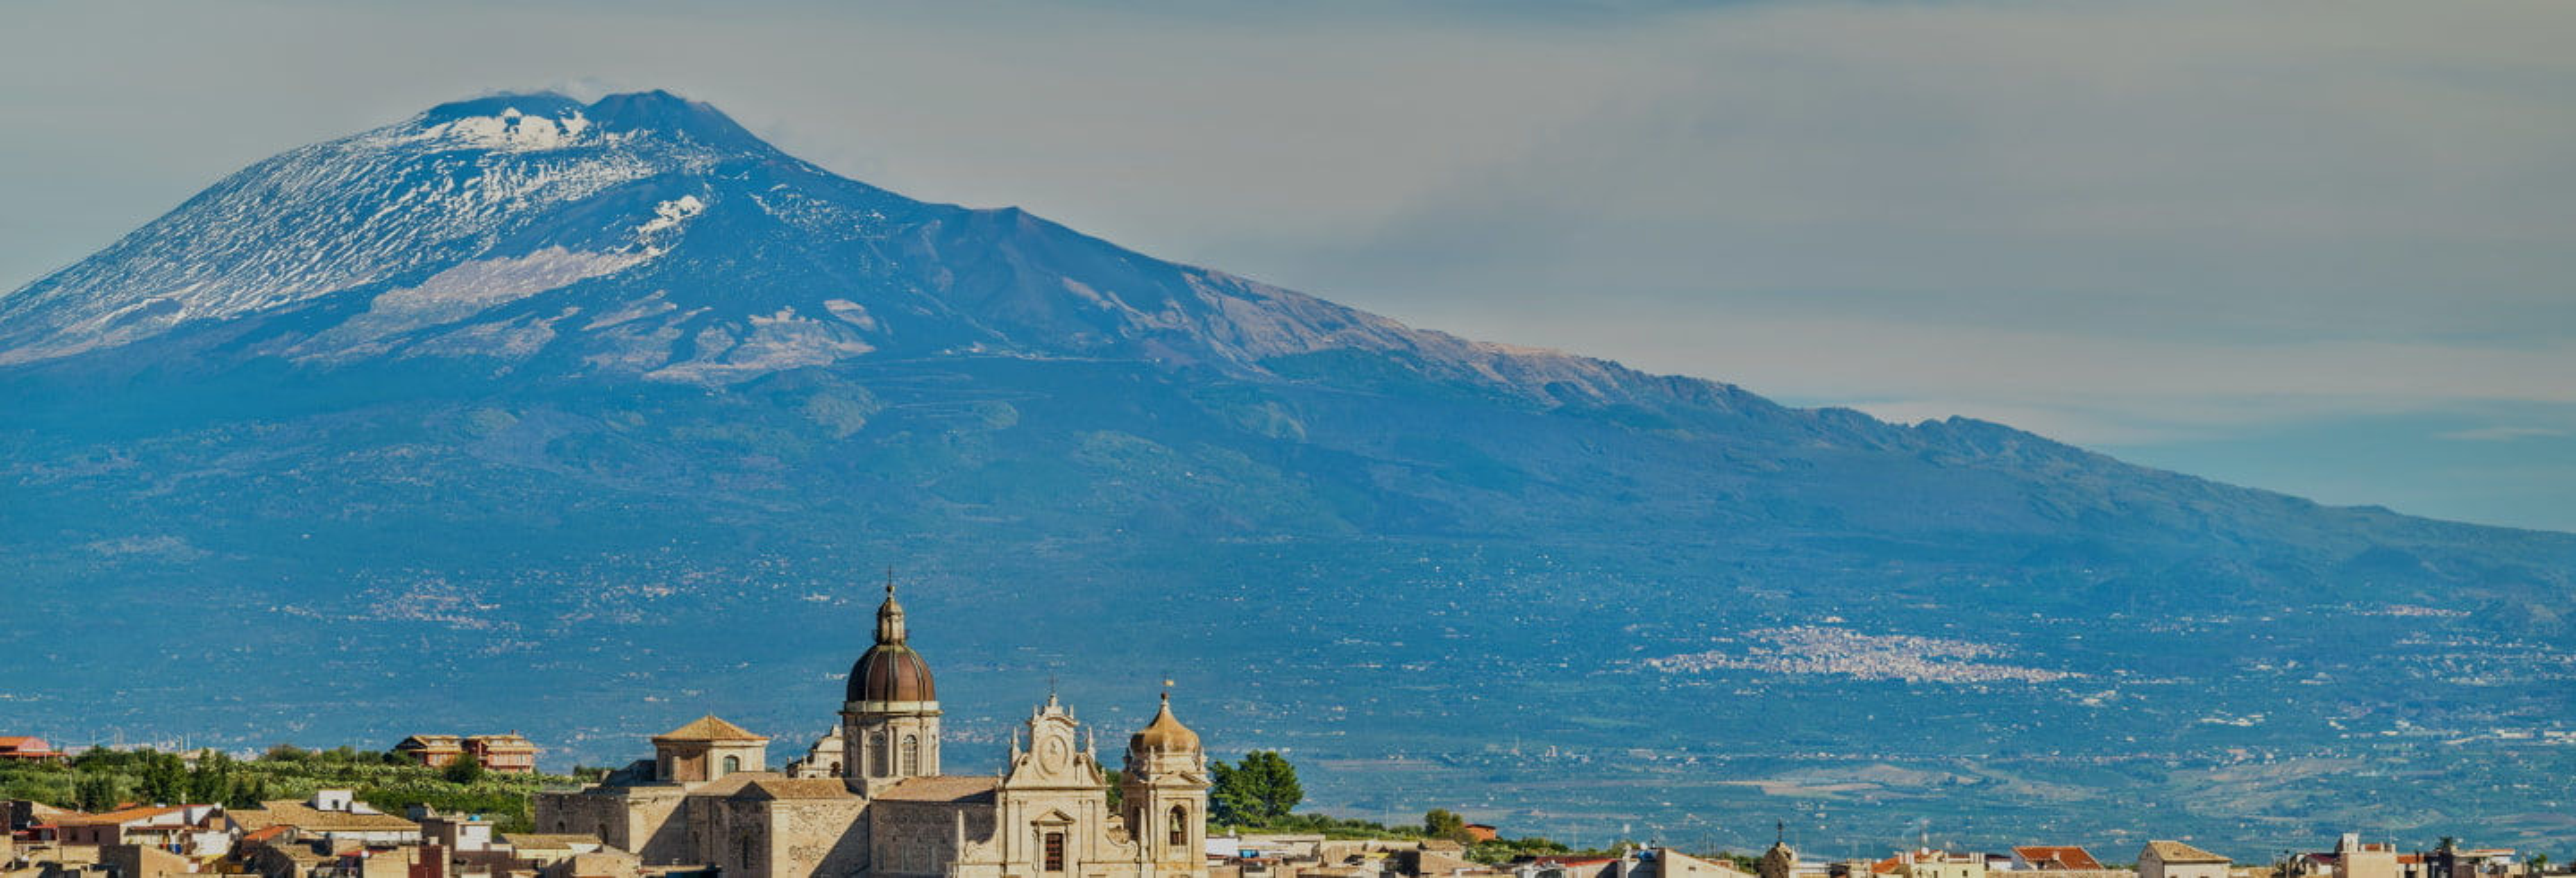 Sicily Tour: Palermo to Taormina